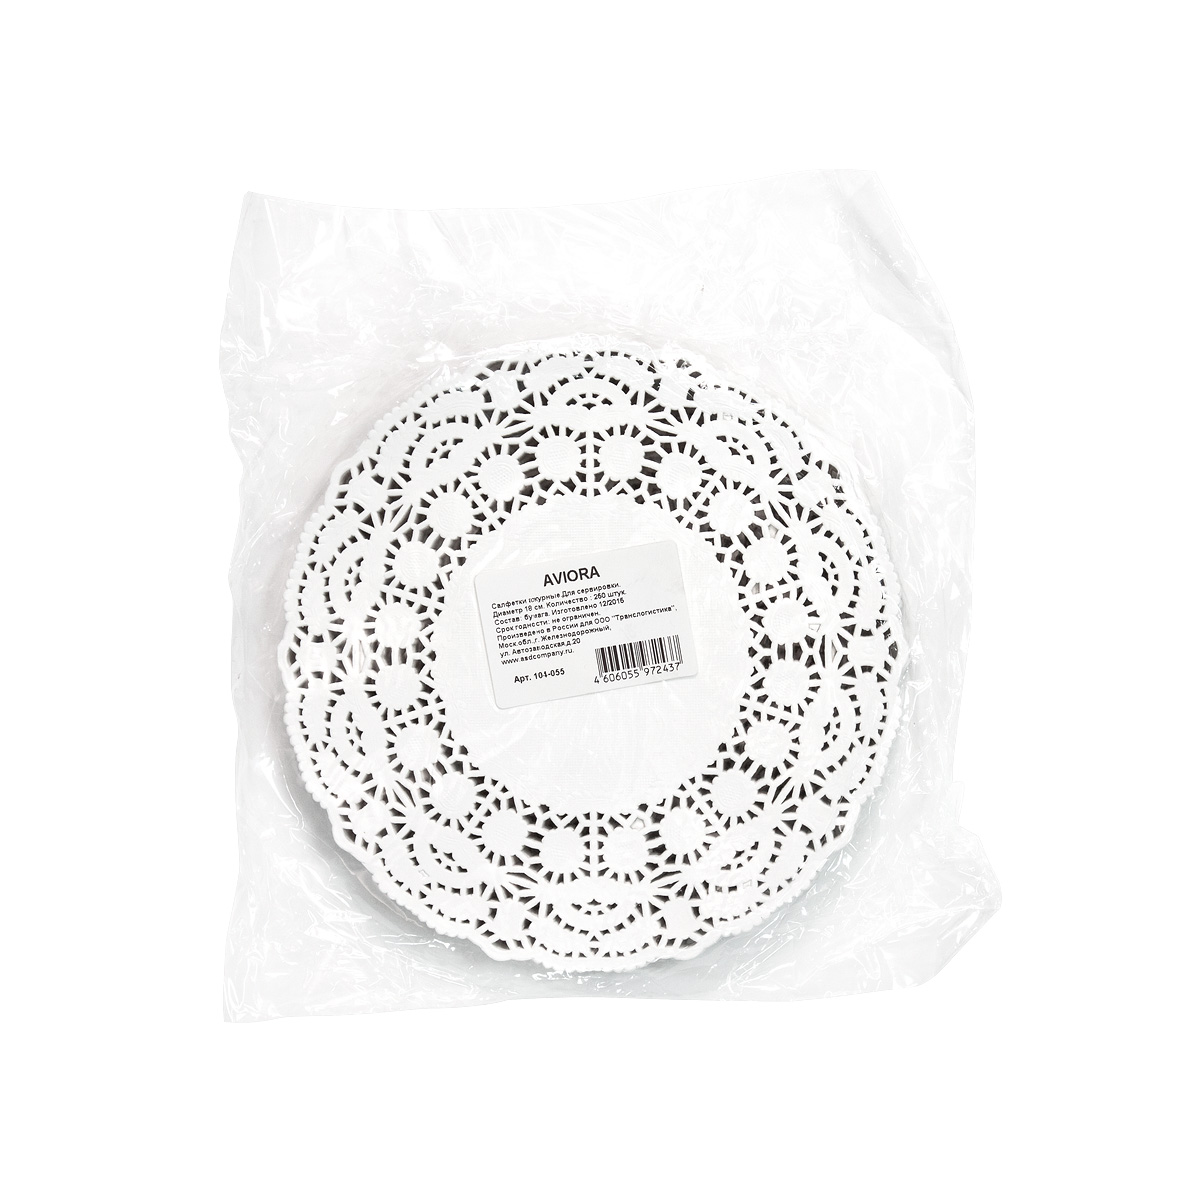 Салфетки бумажные Aviora, ажурные, диаметр 18 см, 250 шт104-055 Произведены в России безопасные при контакте с пищей изысканный узор по контуру салфетокПредназначены для сервировки стола.Используются для красивой подачи тортов и пирожных. Оригинально смотрятся столовые приборы. Небольшие диаметры используются для подачи чая / кофе.